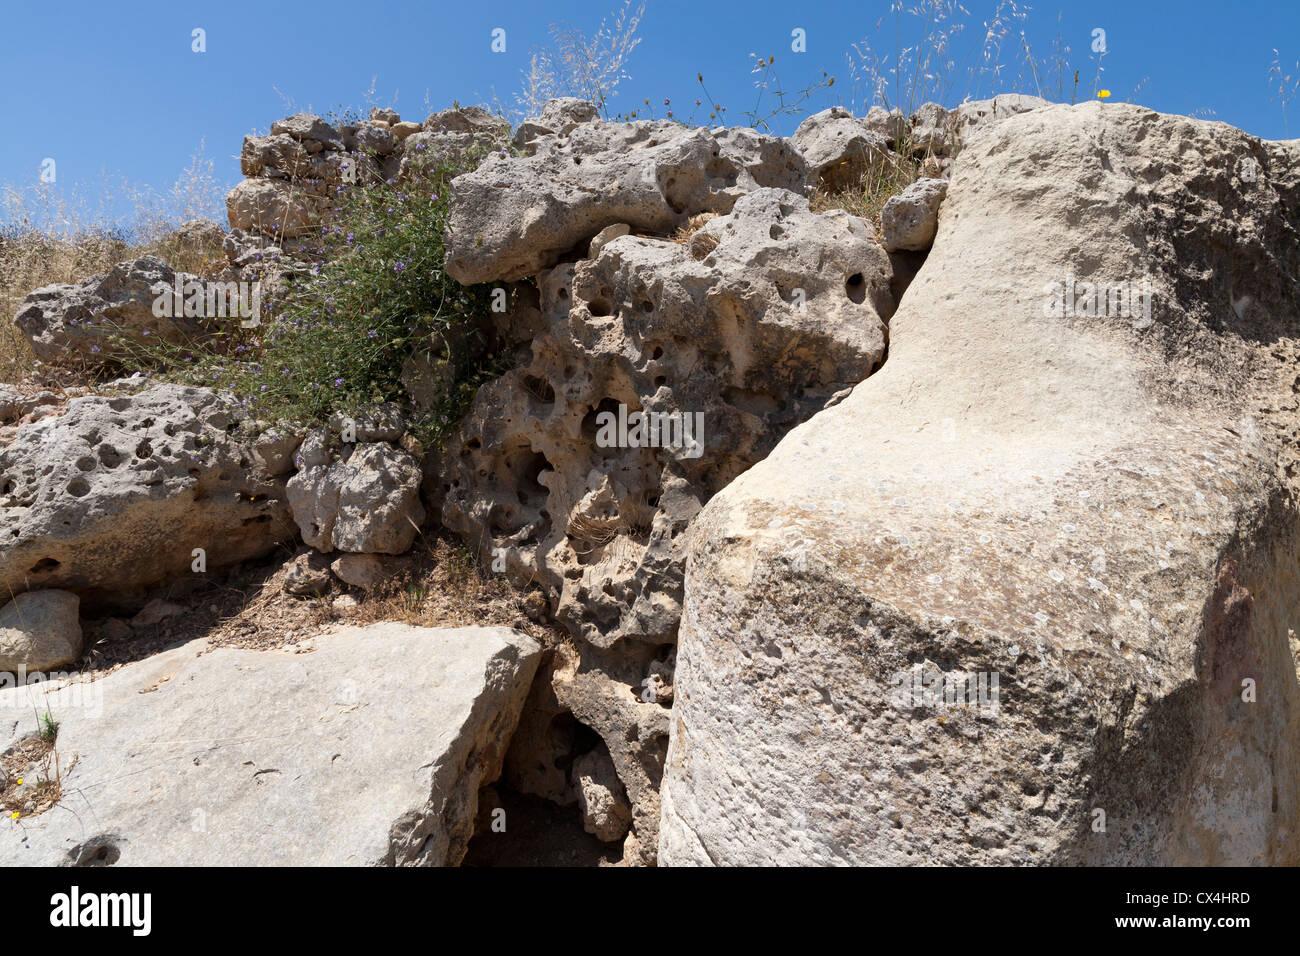 Roccia erosa a i templi di Ggantija vicino Xagha, isola di Gozo, vicino a Malta, Mare Mediterraneo. Immagini Stock